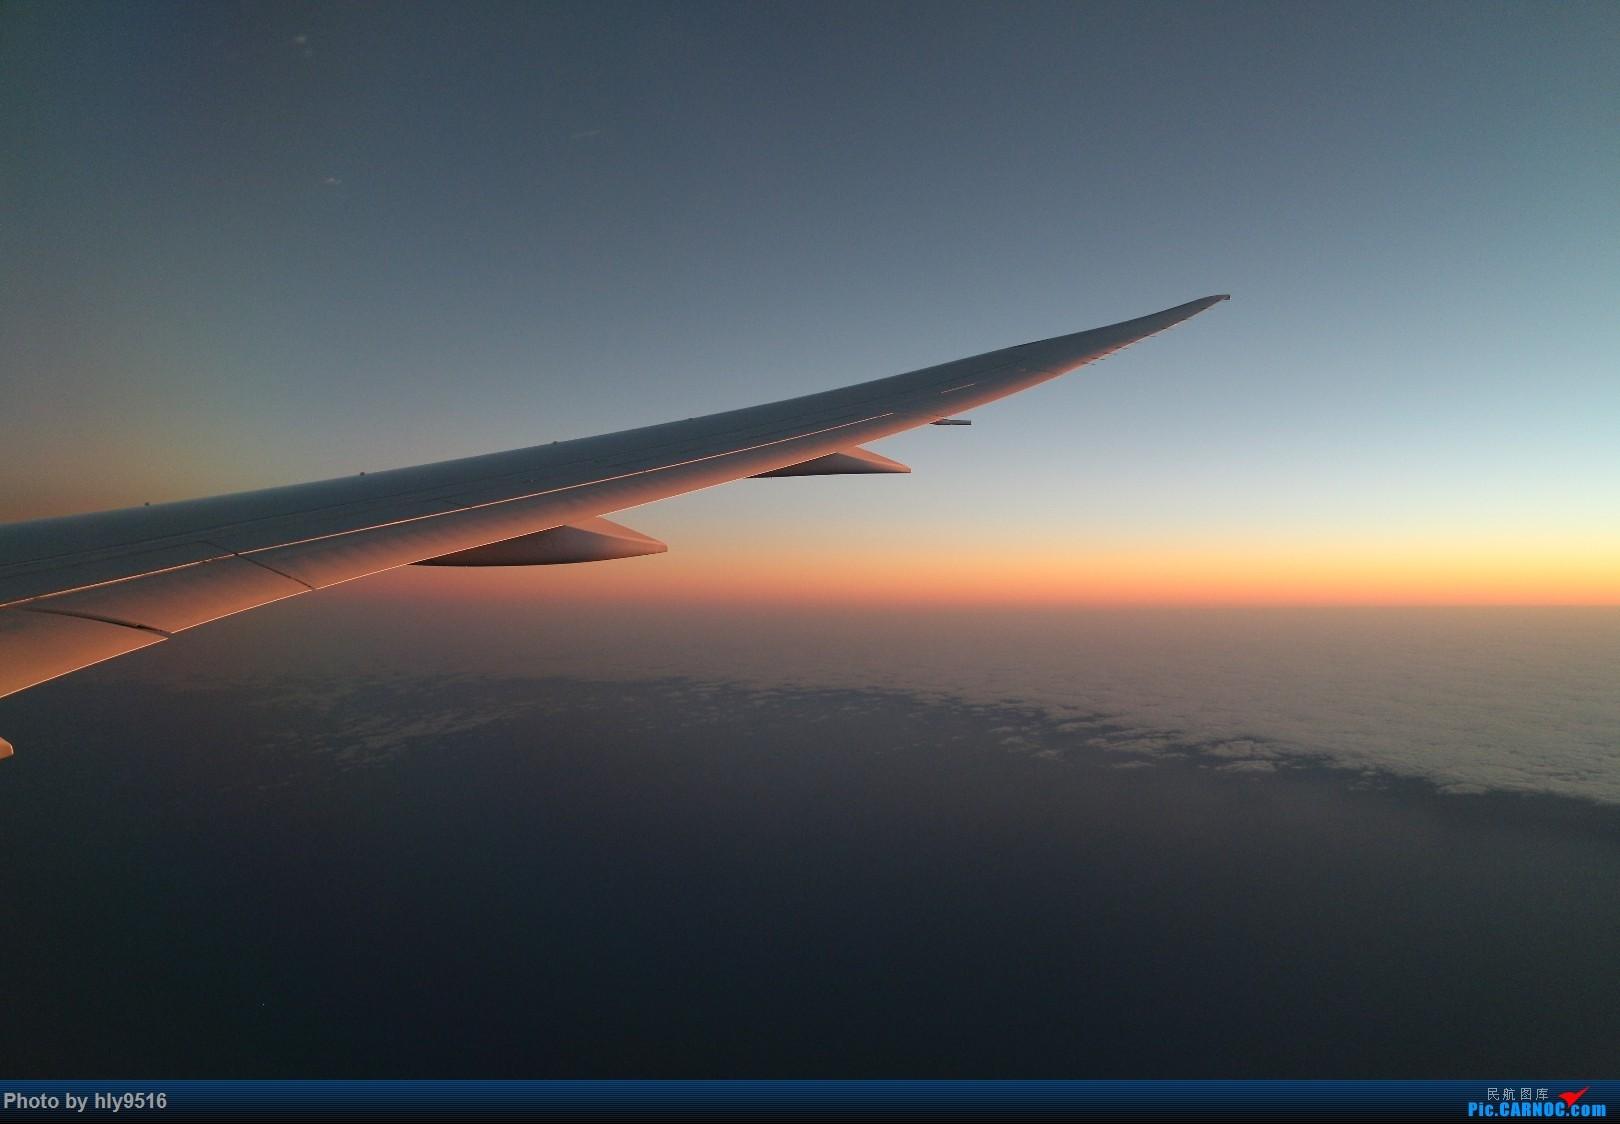 [原创]【PER-MEL】第一次发游记,体验澳航最长航线QF10澳洲国内段 BOEING 787-9 VH-ZNA PER